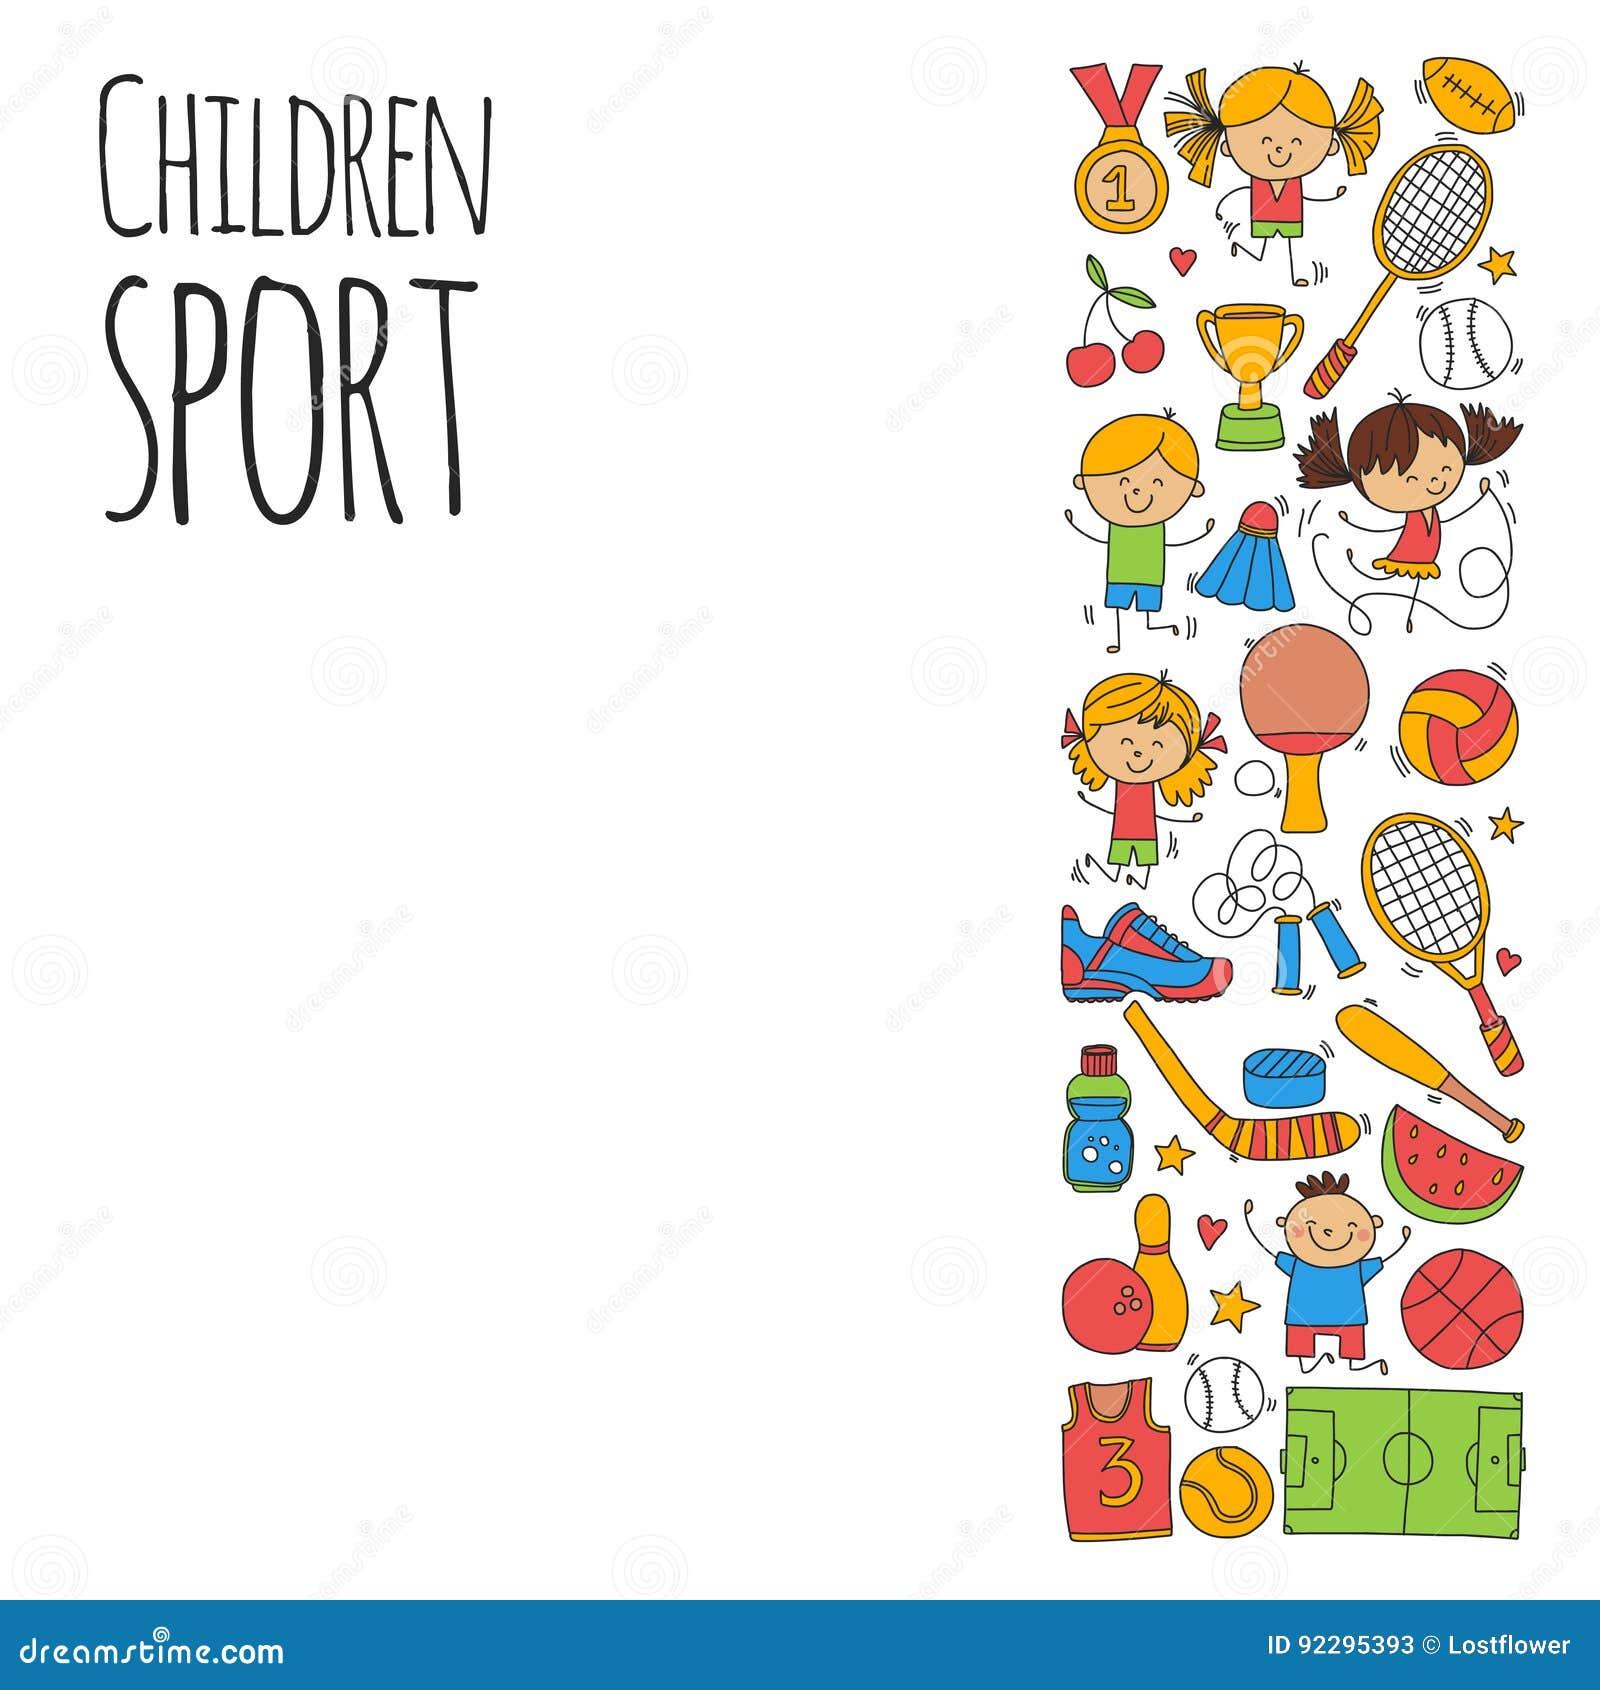 De Fitness van de kinderensport van het het Tennisbasketbal van het Voetbalvolleyball van de de Fiets de Lopende Toekenning sport